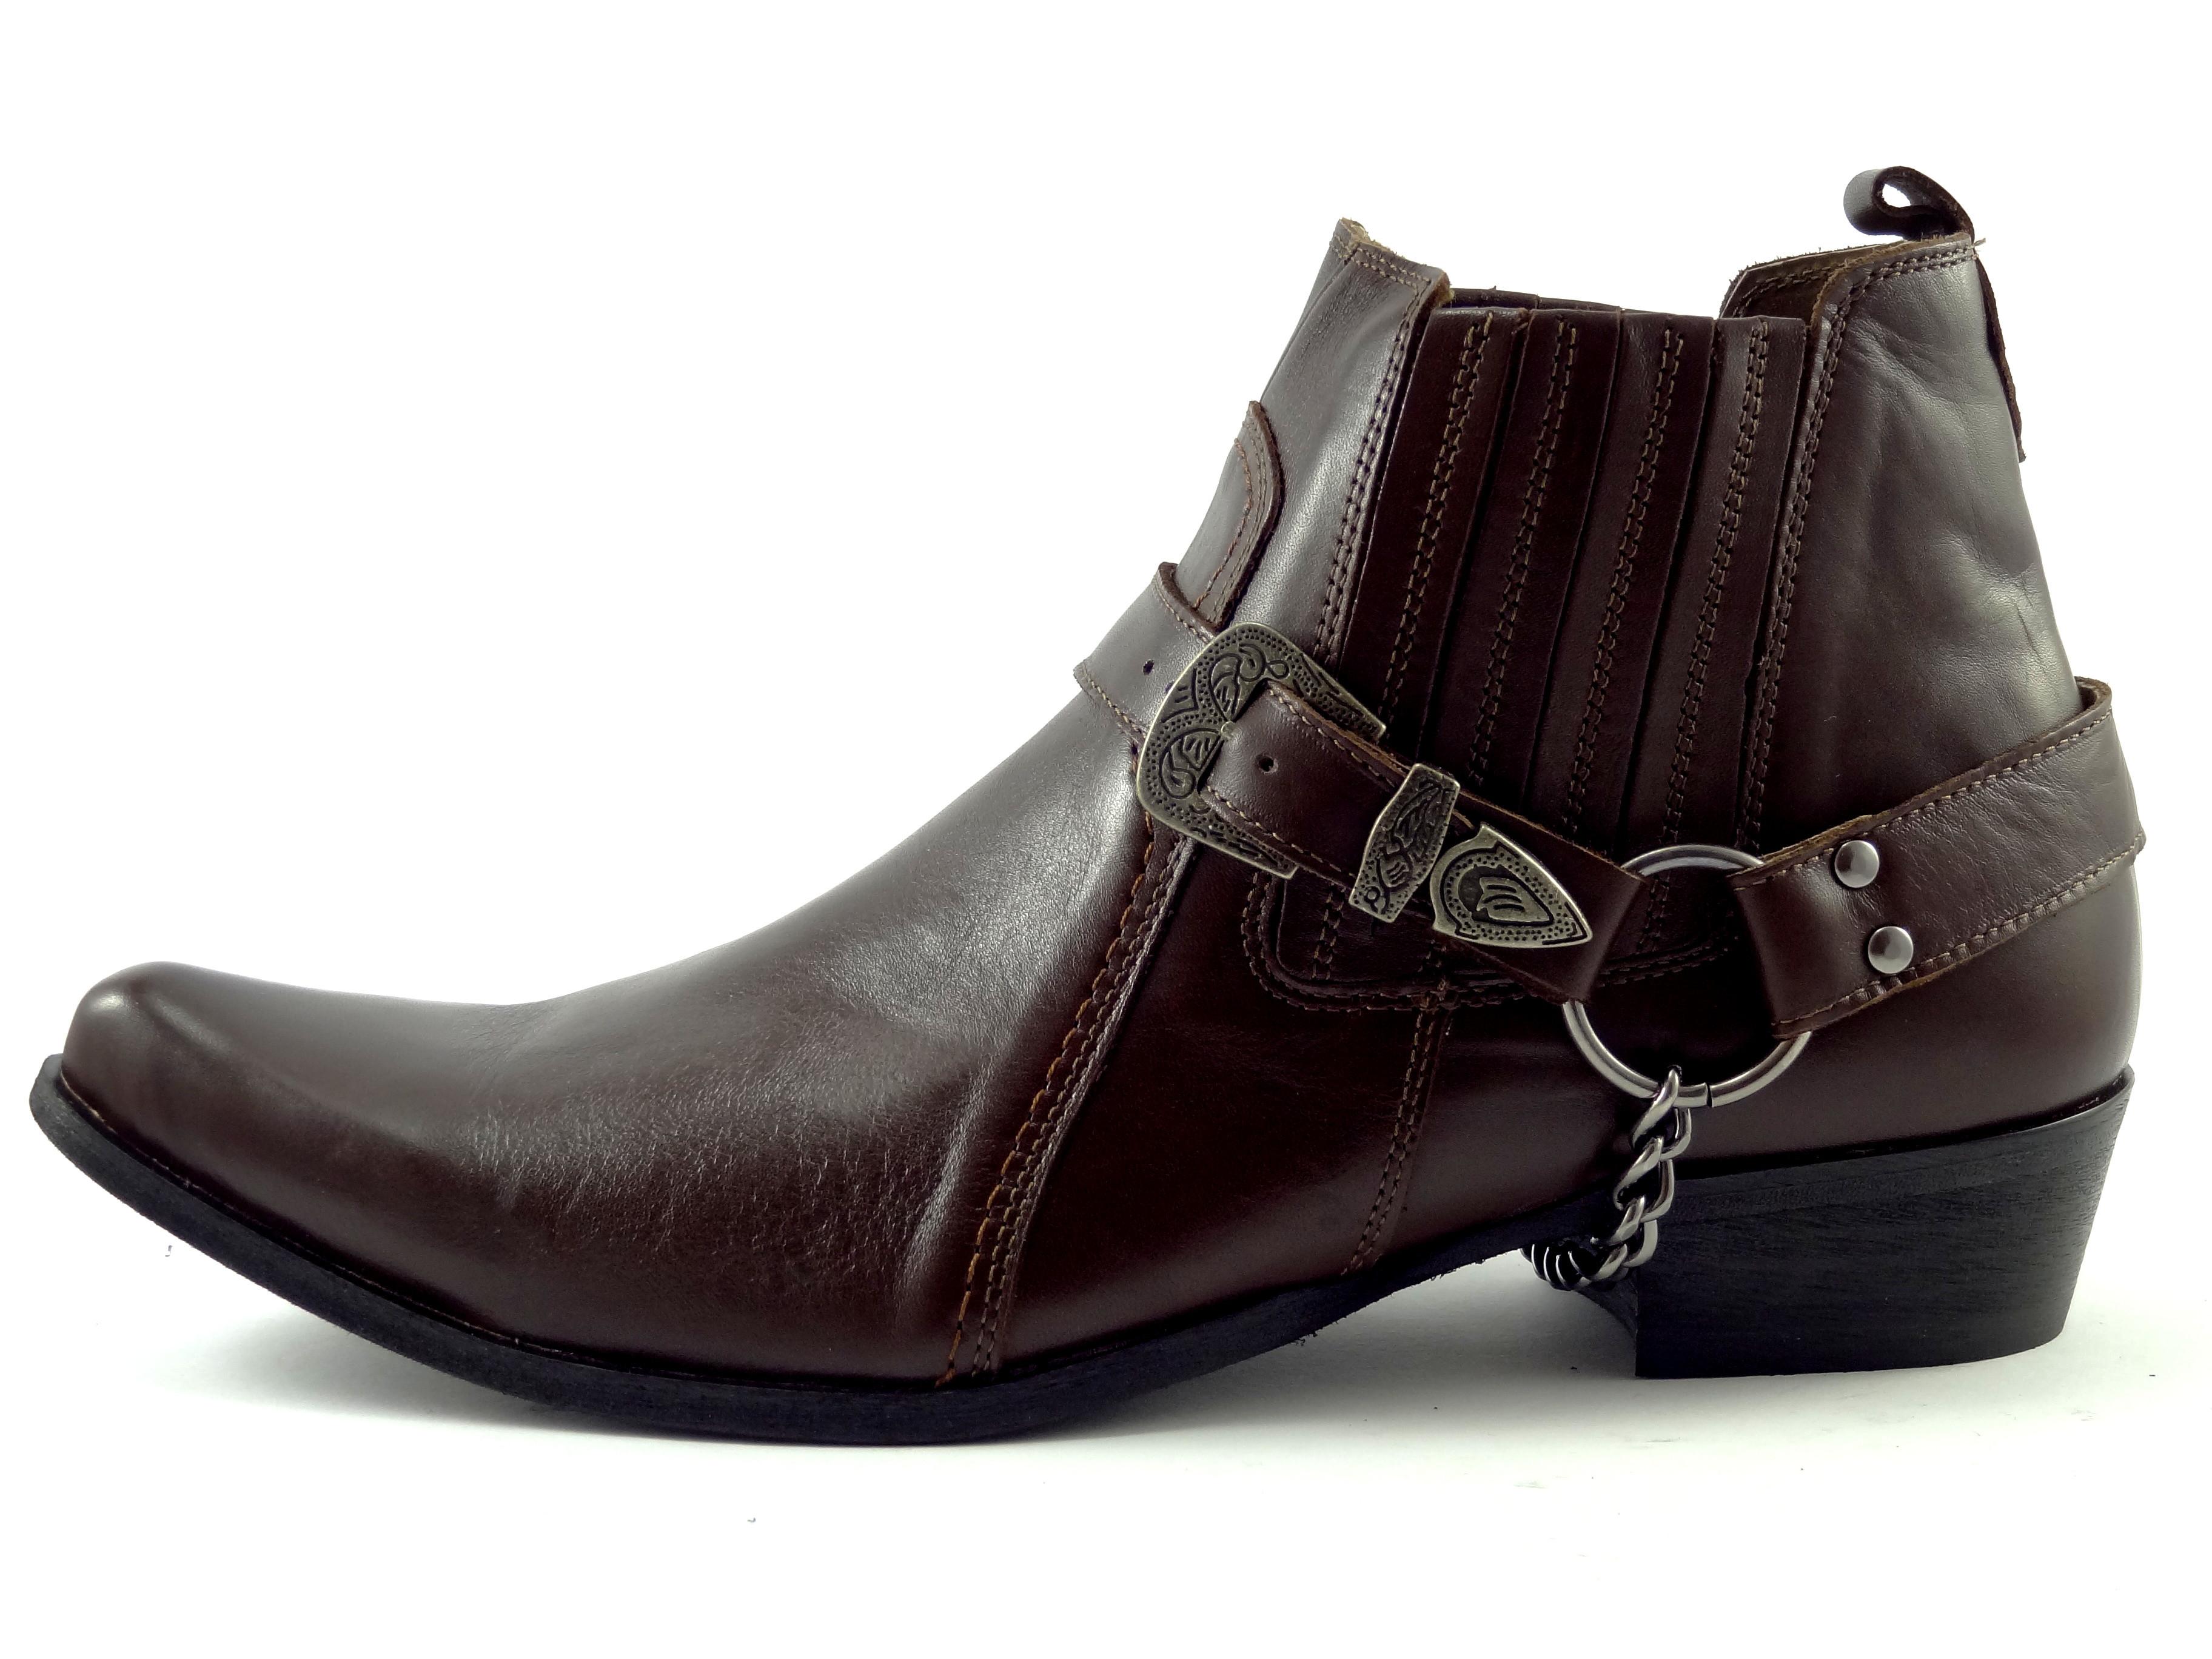 53276647575 Selma westernové boty na motorku na koně 1220 tmavě hnědá